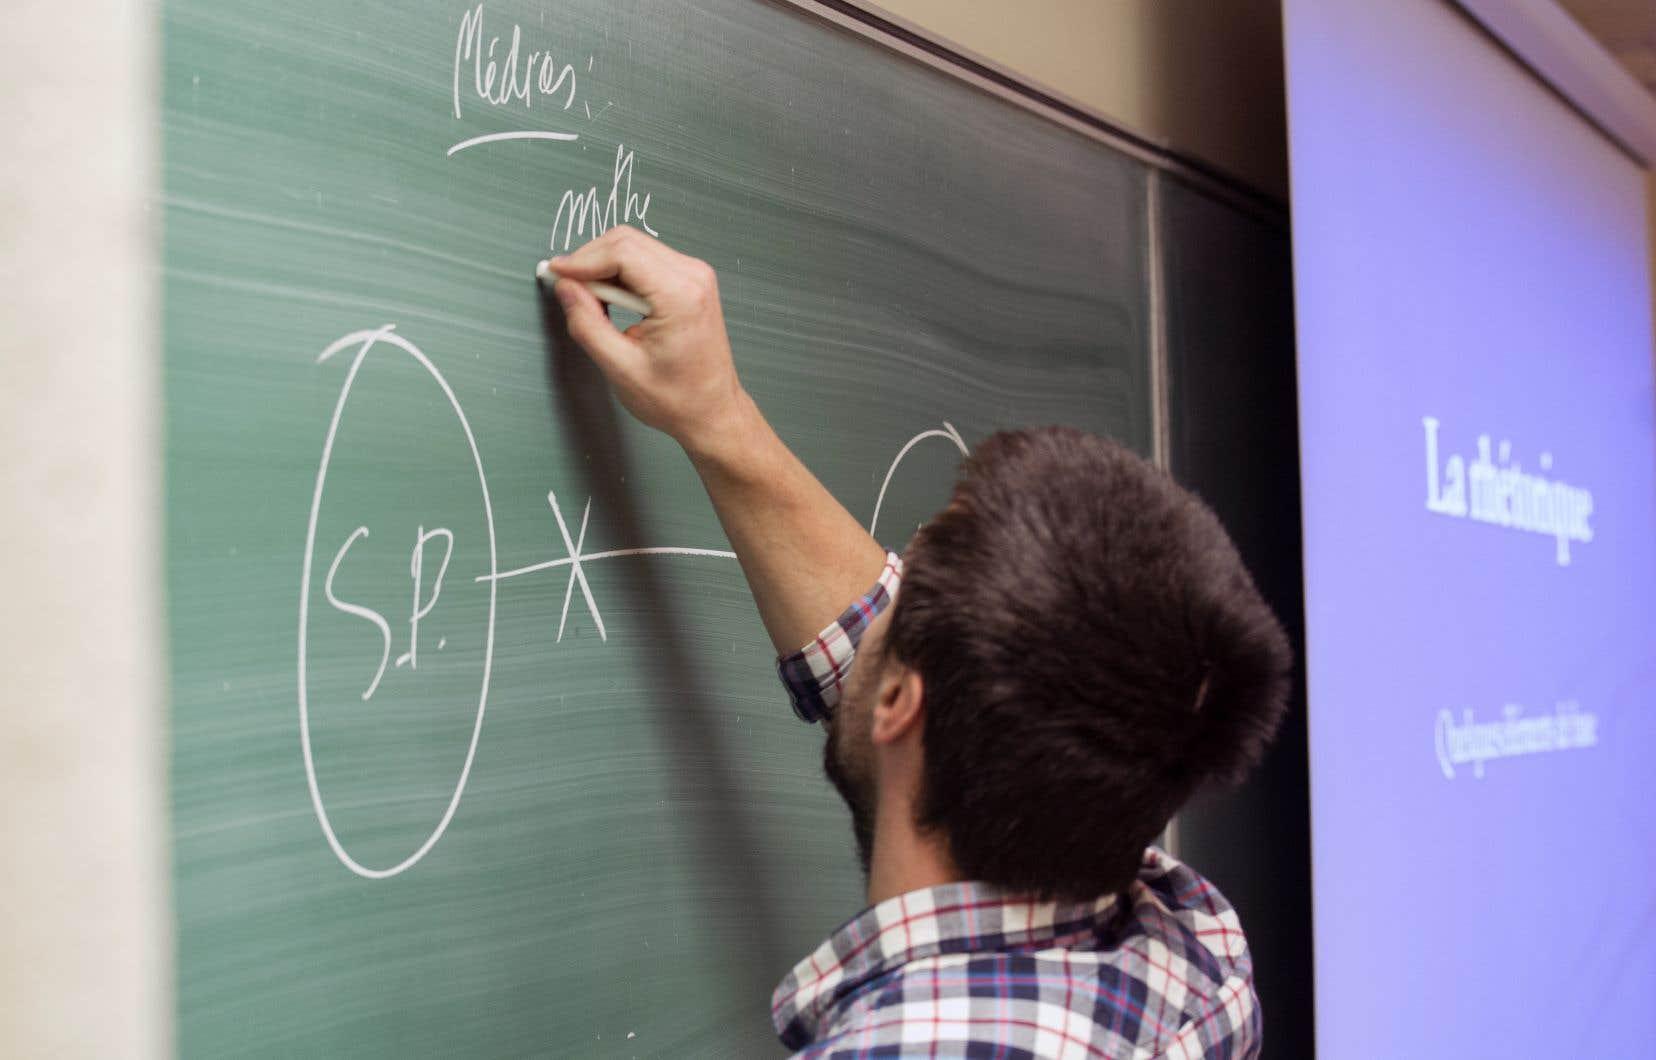 Le plan économique prévoit la modernisation du financement de l'enseignement supérieur.